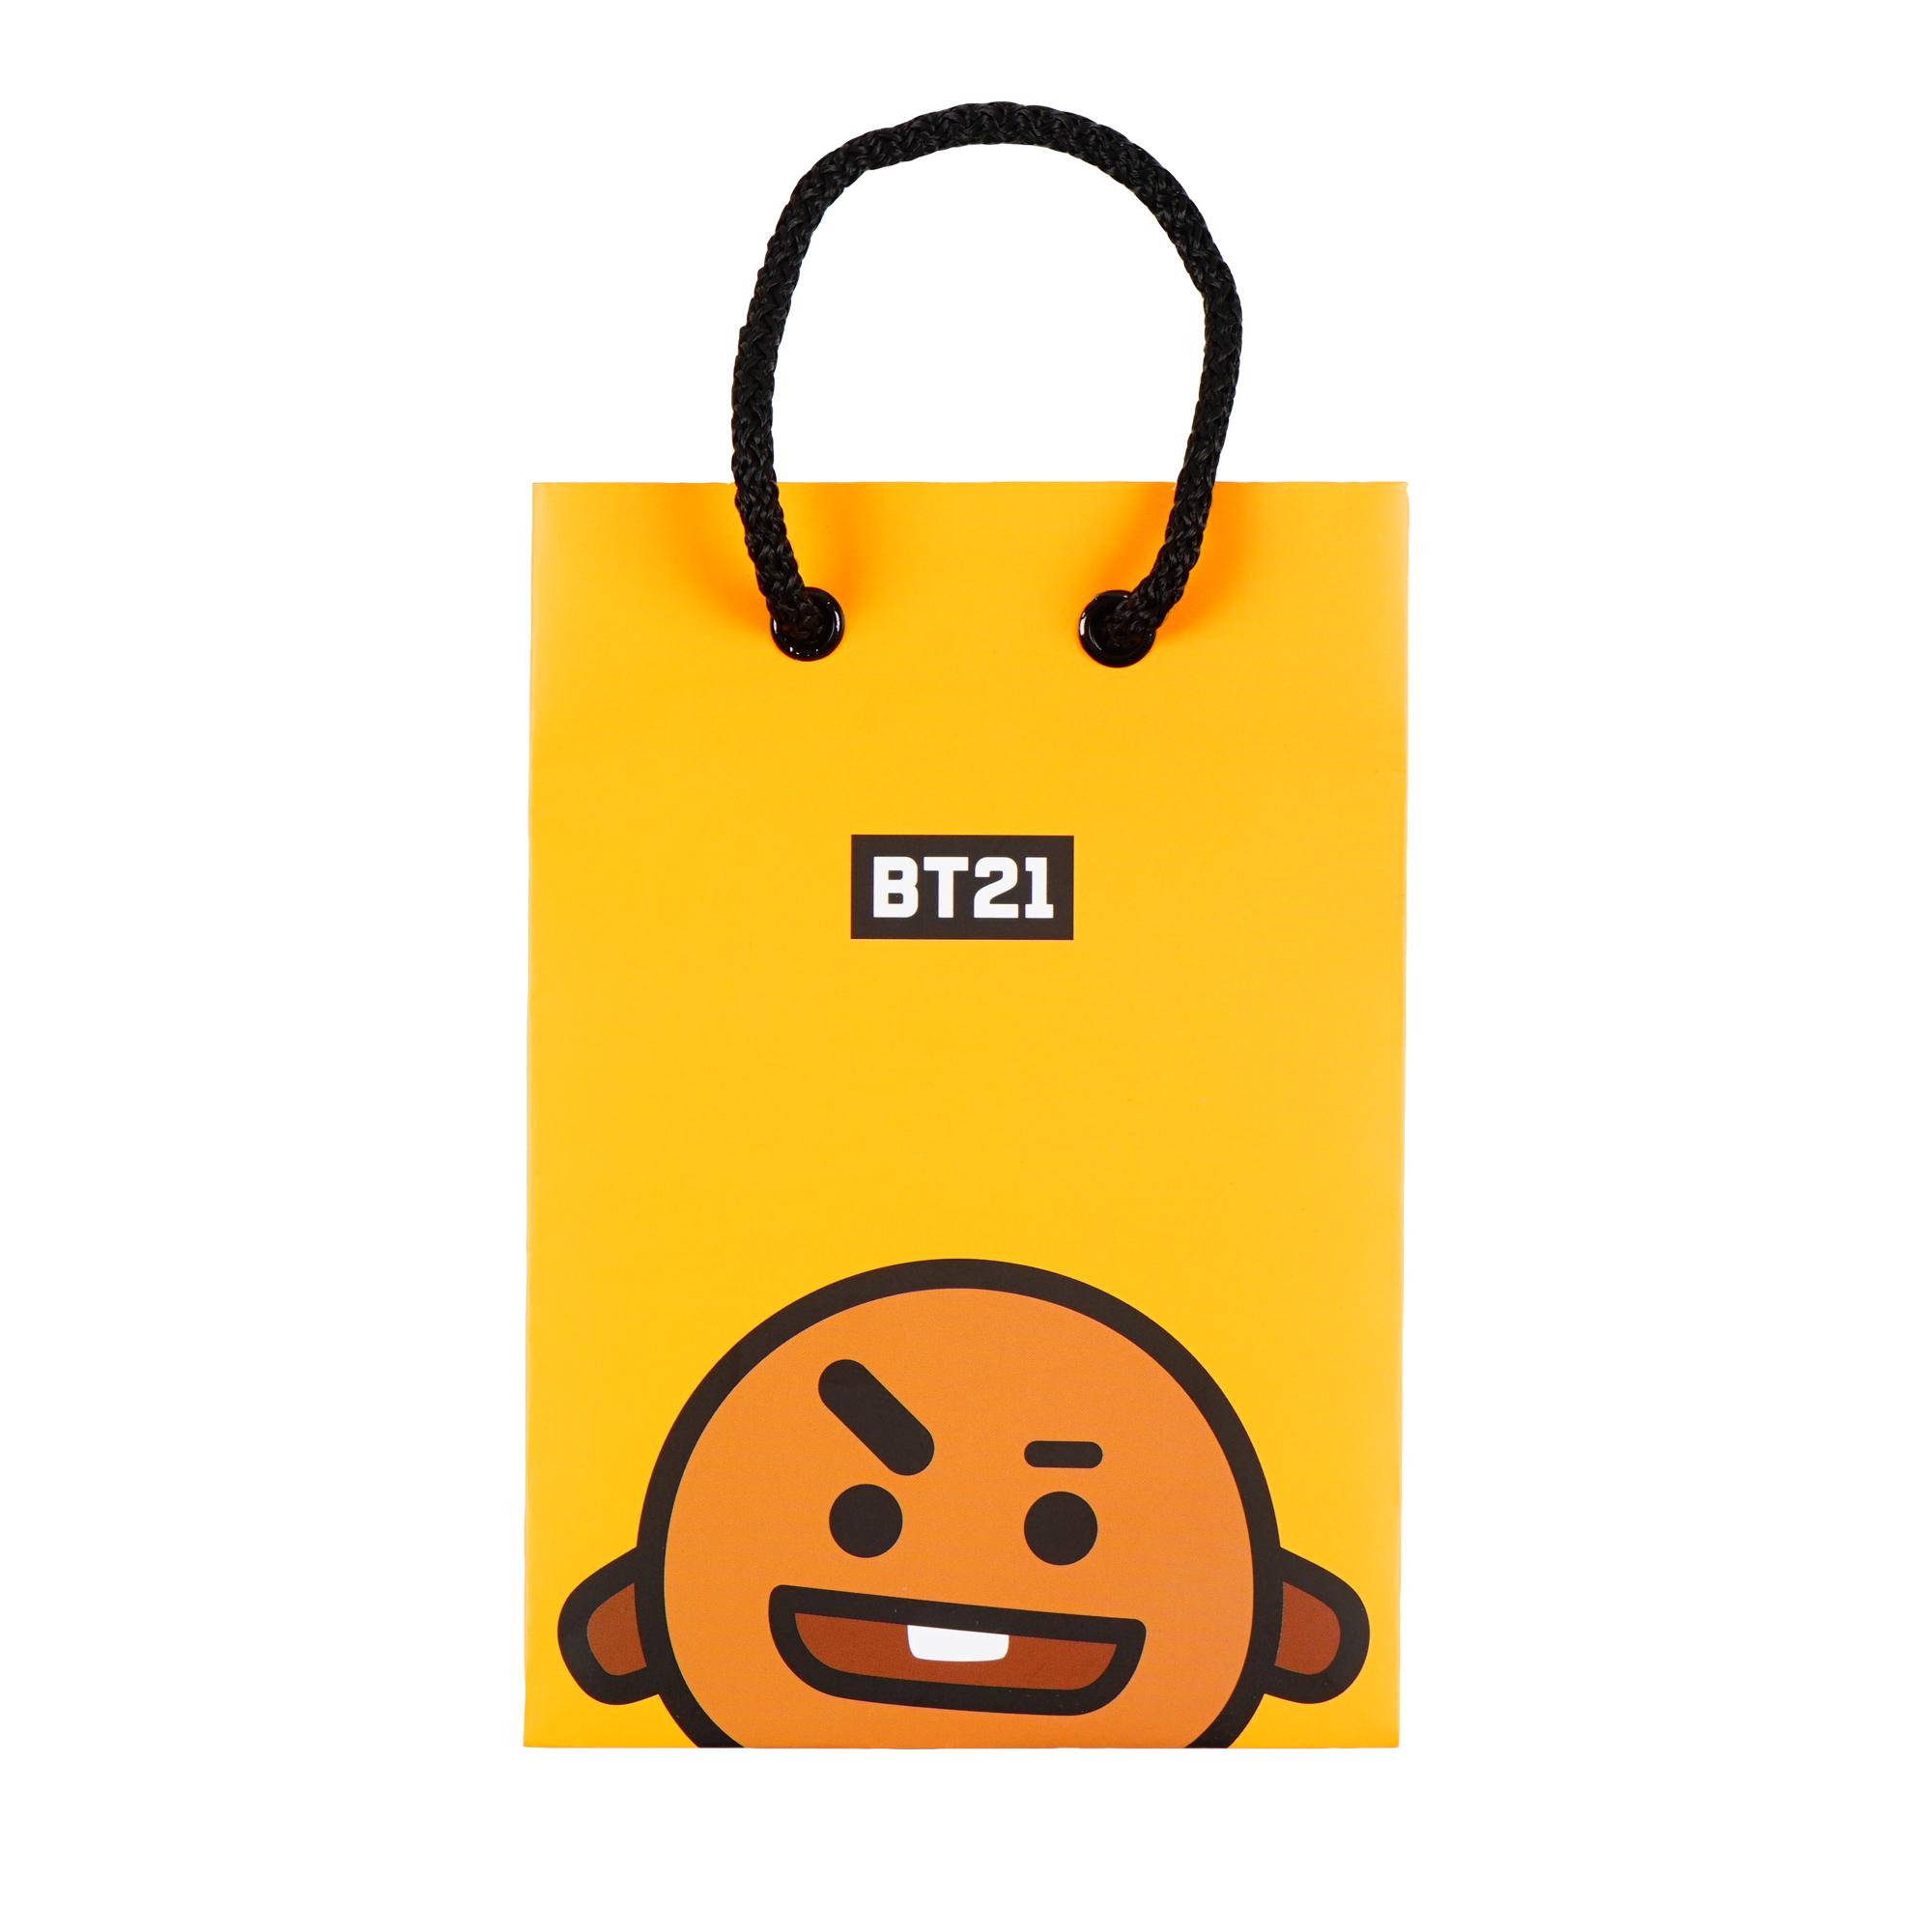 BT21 SHOOKY 기프트 쇼핑백 (Small)